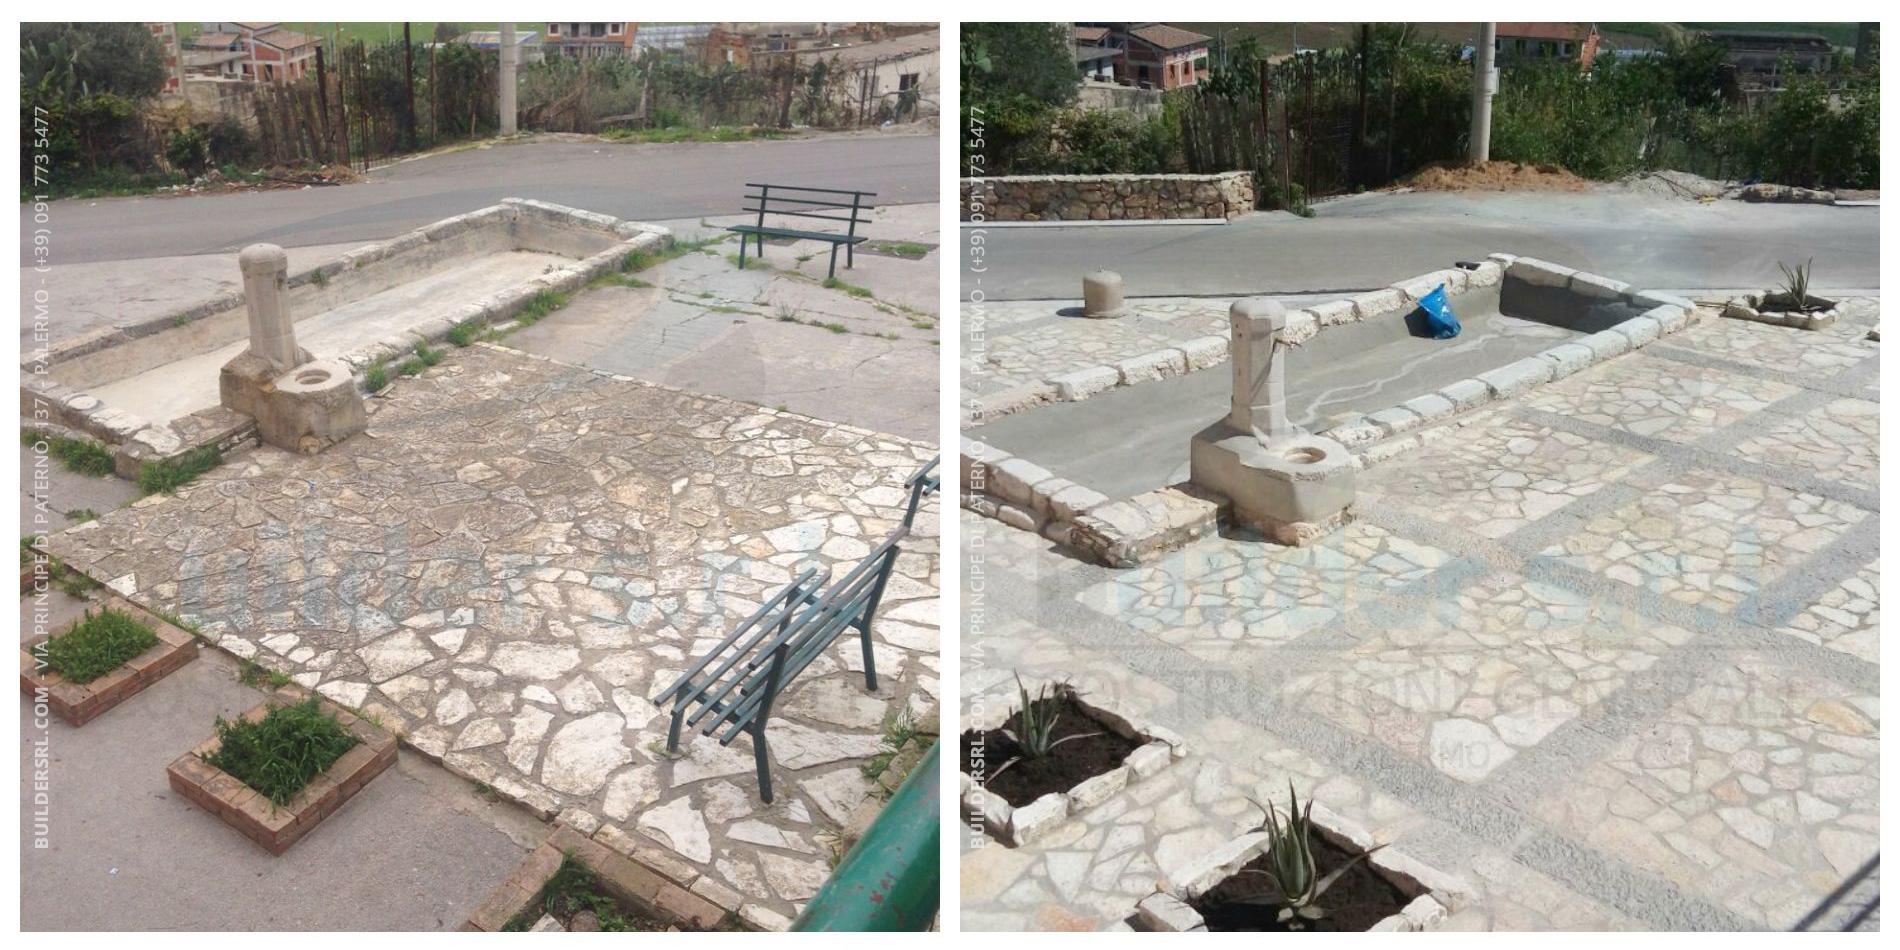 Prima e dopo i lavori di ristrutturazione in cda Stazzone a San Cipirello -